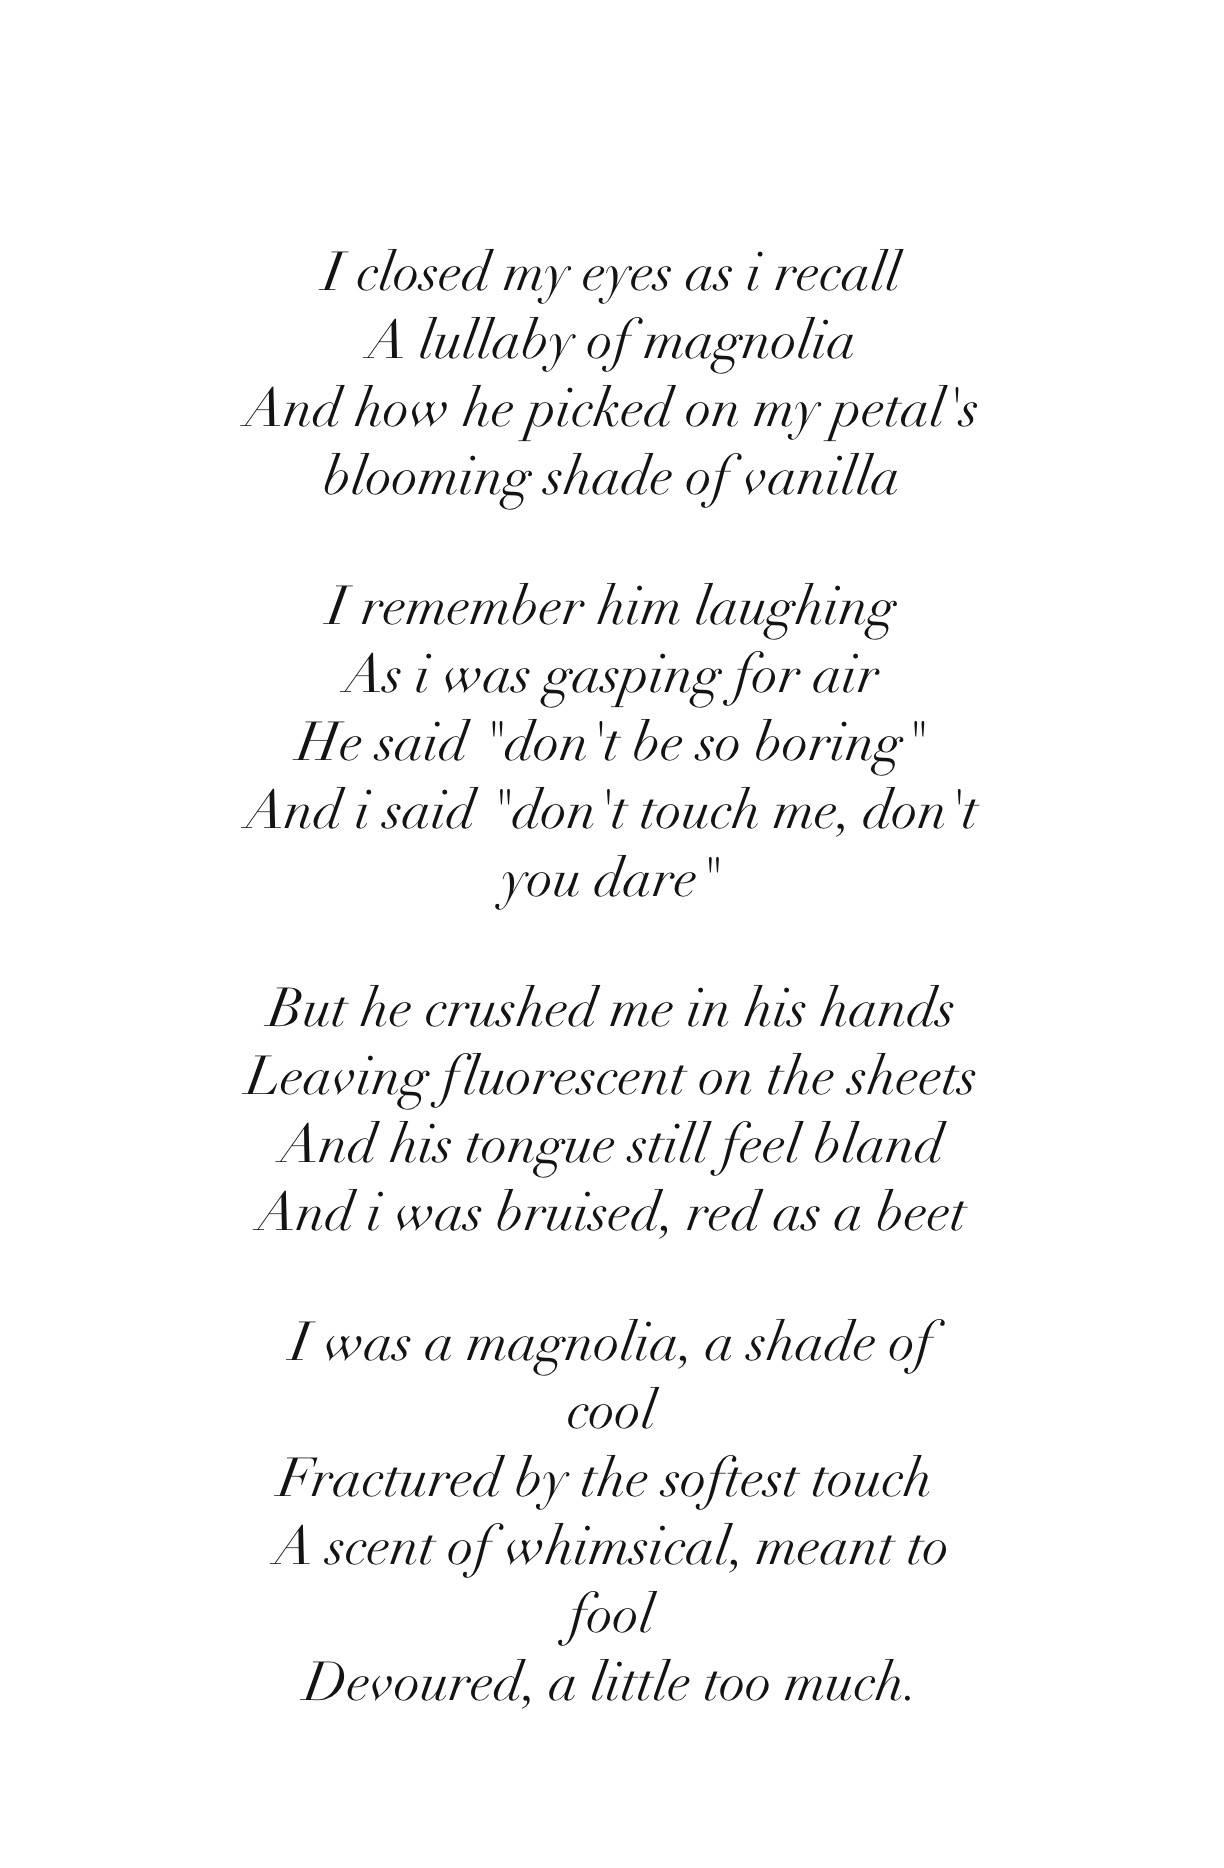 Indigo_Rape_Poem_Sisterhood